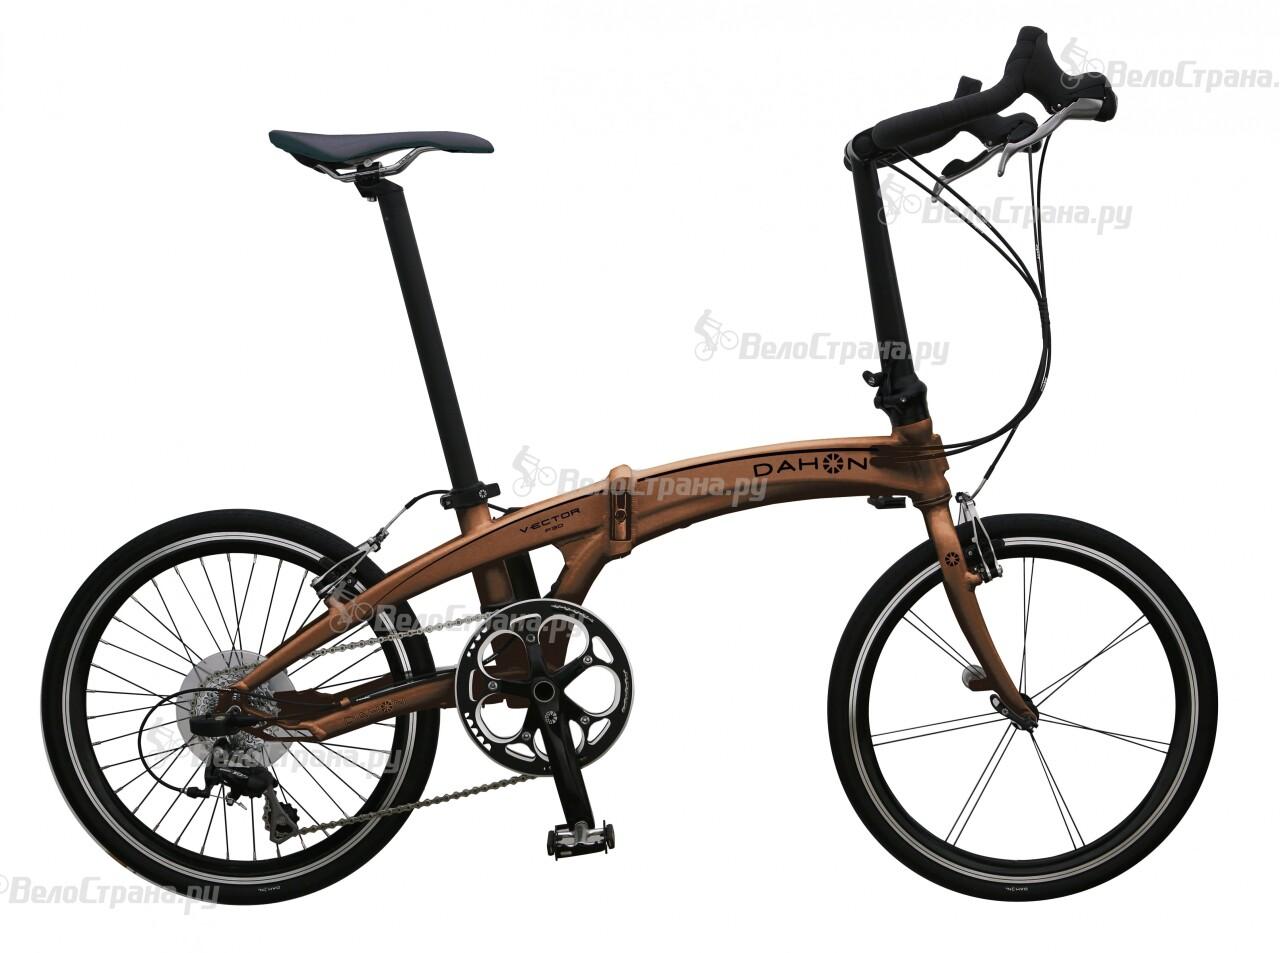 Велосипед Dahon Vector DD30 (2016) велосипед dahon vybe d7 u 2017